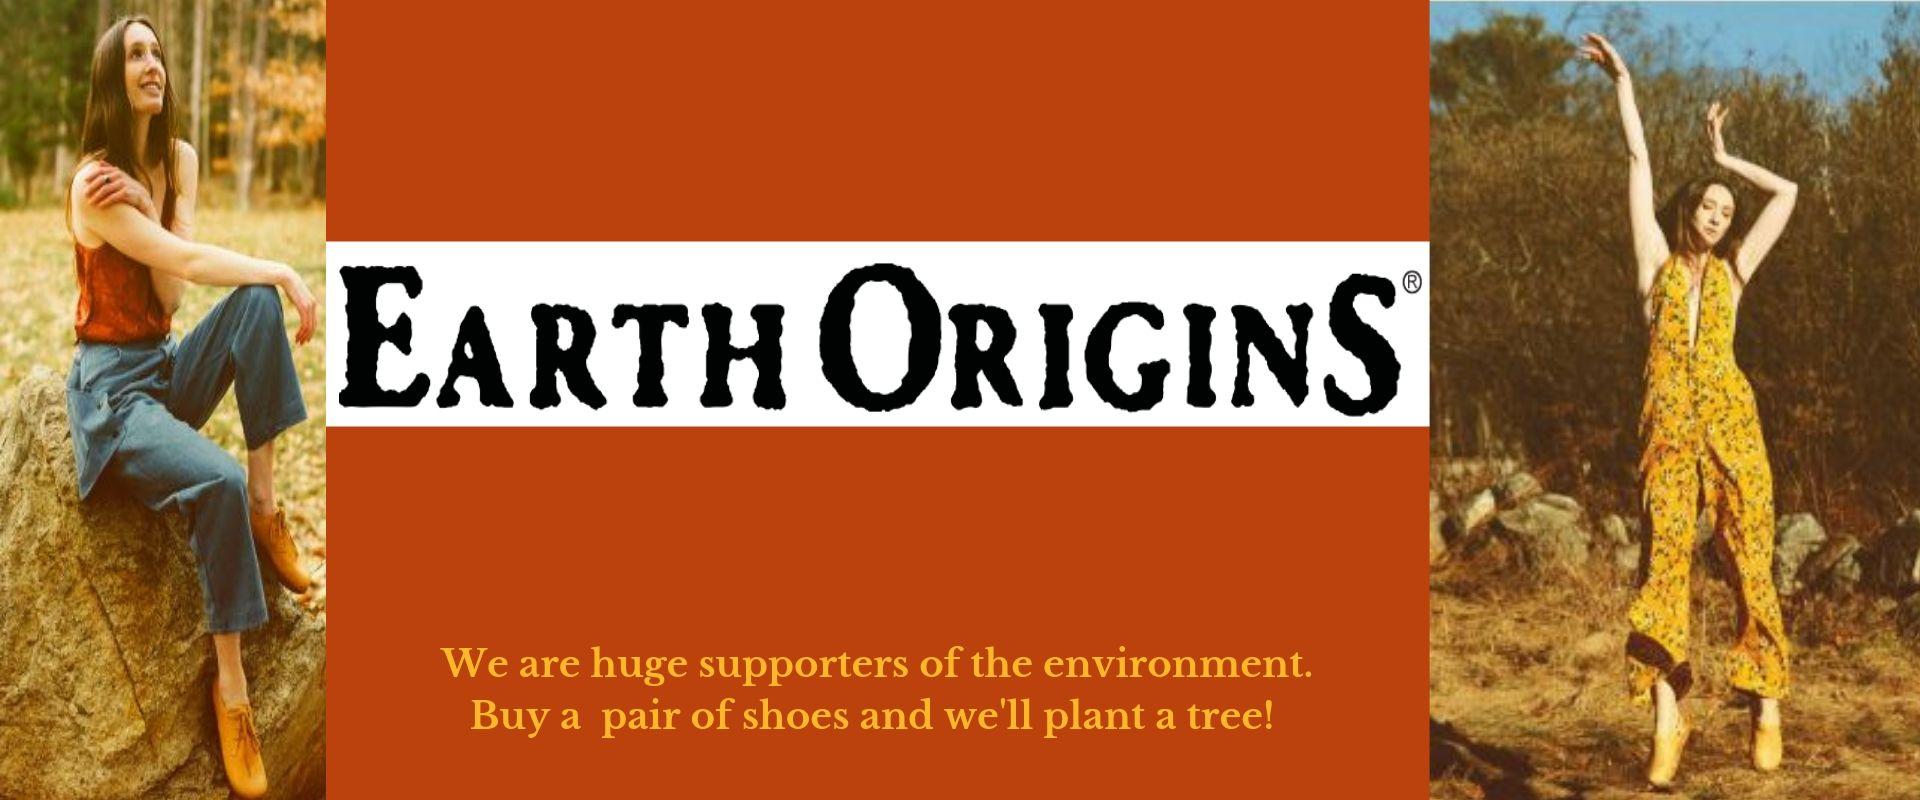 earth-origins-summer-2019.jpg